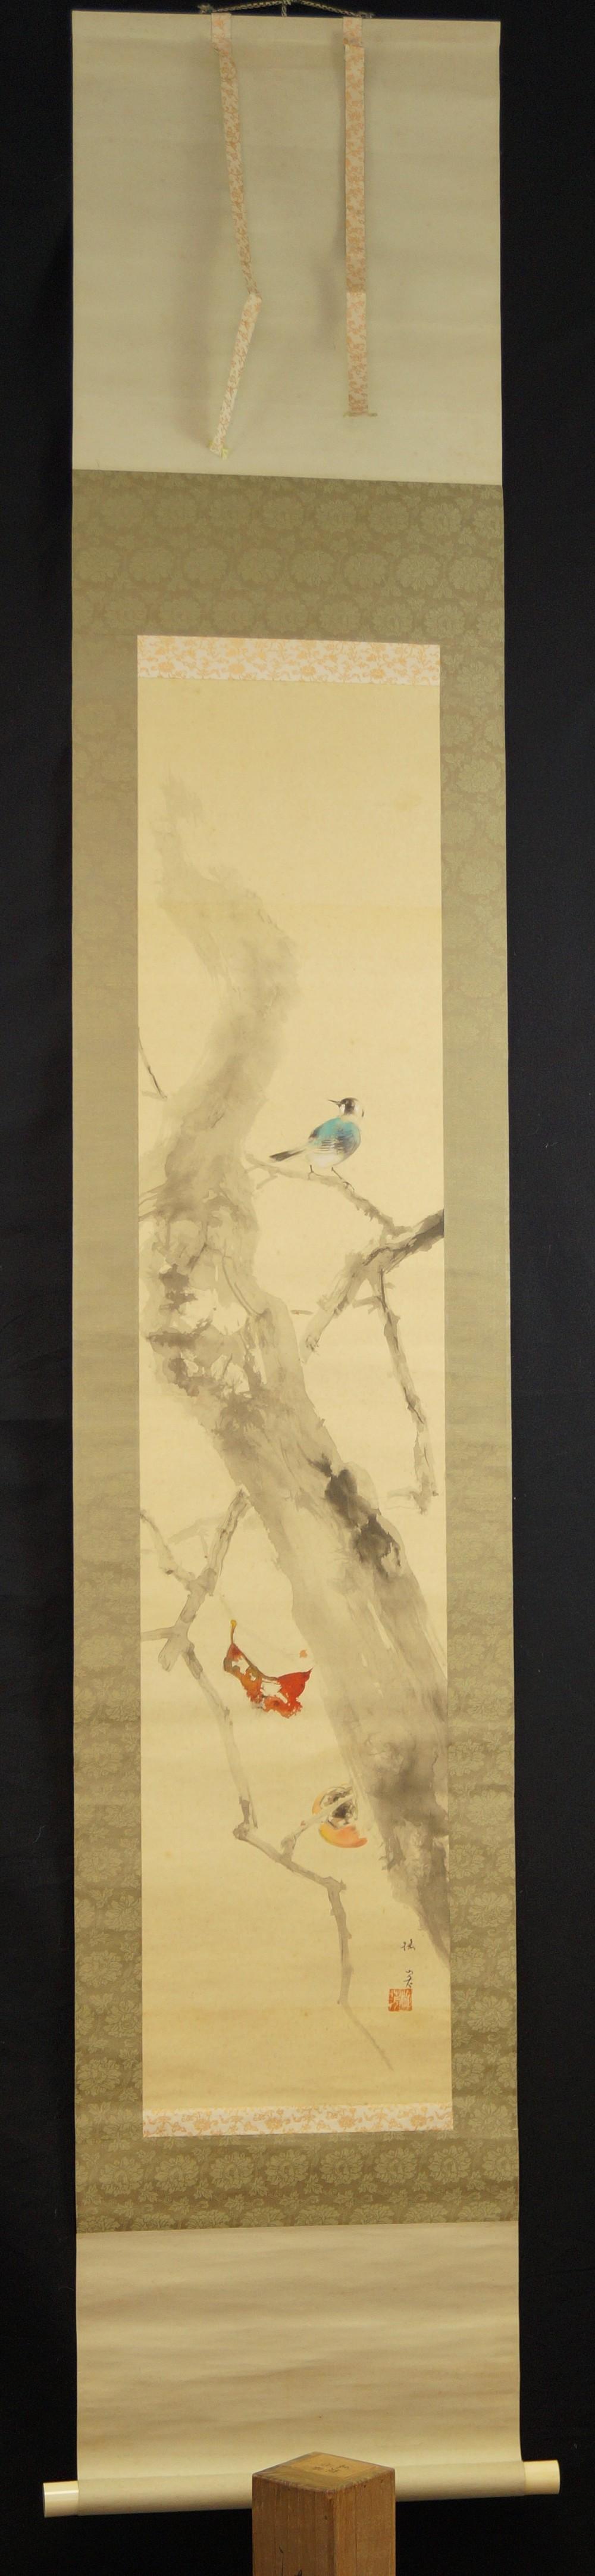 Vogel auf einem Kaki Baum - Japanisches Rollbild (Kakejiku, Kakemono)